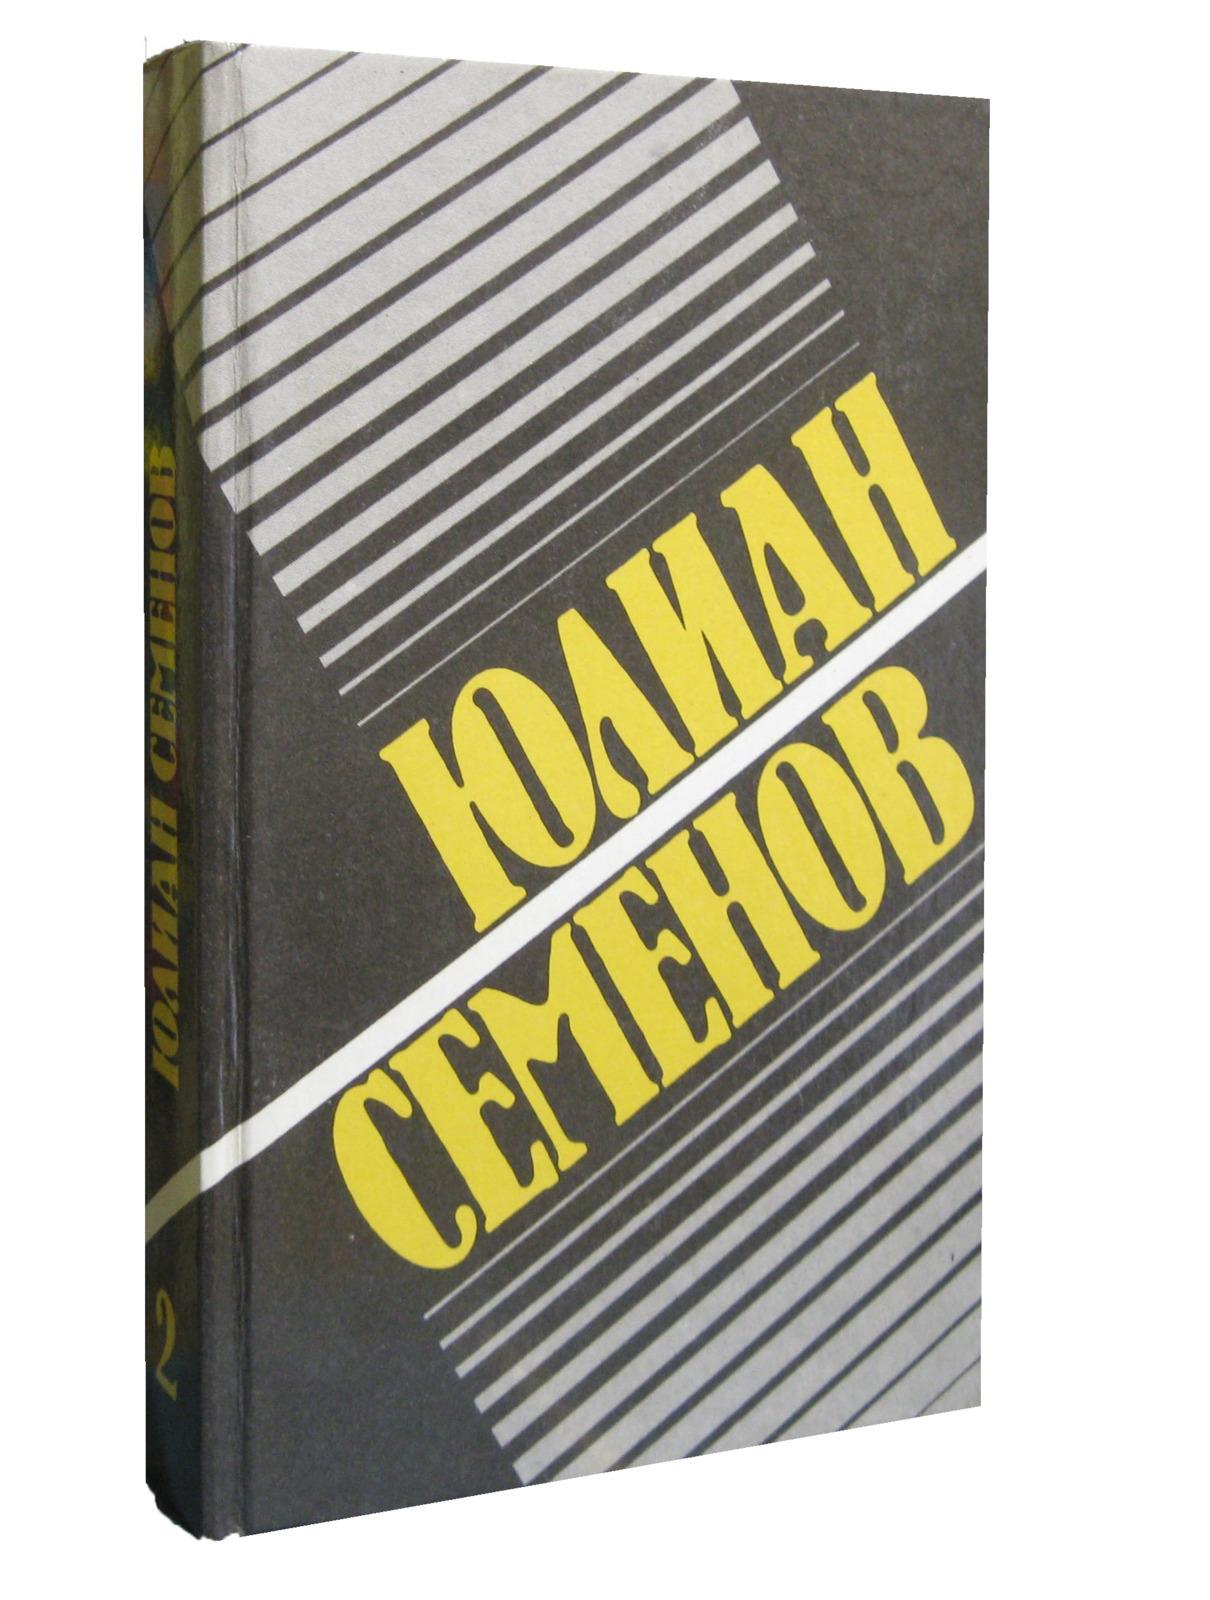 Юлиан Семенов Юлиан Семенов. Собрание сочинений в 8 томах. Том 2. Политические хроники 1941